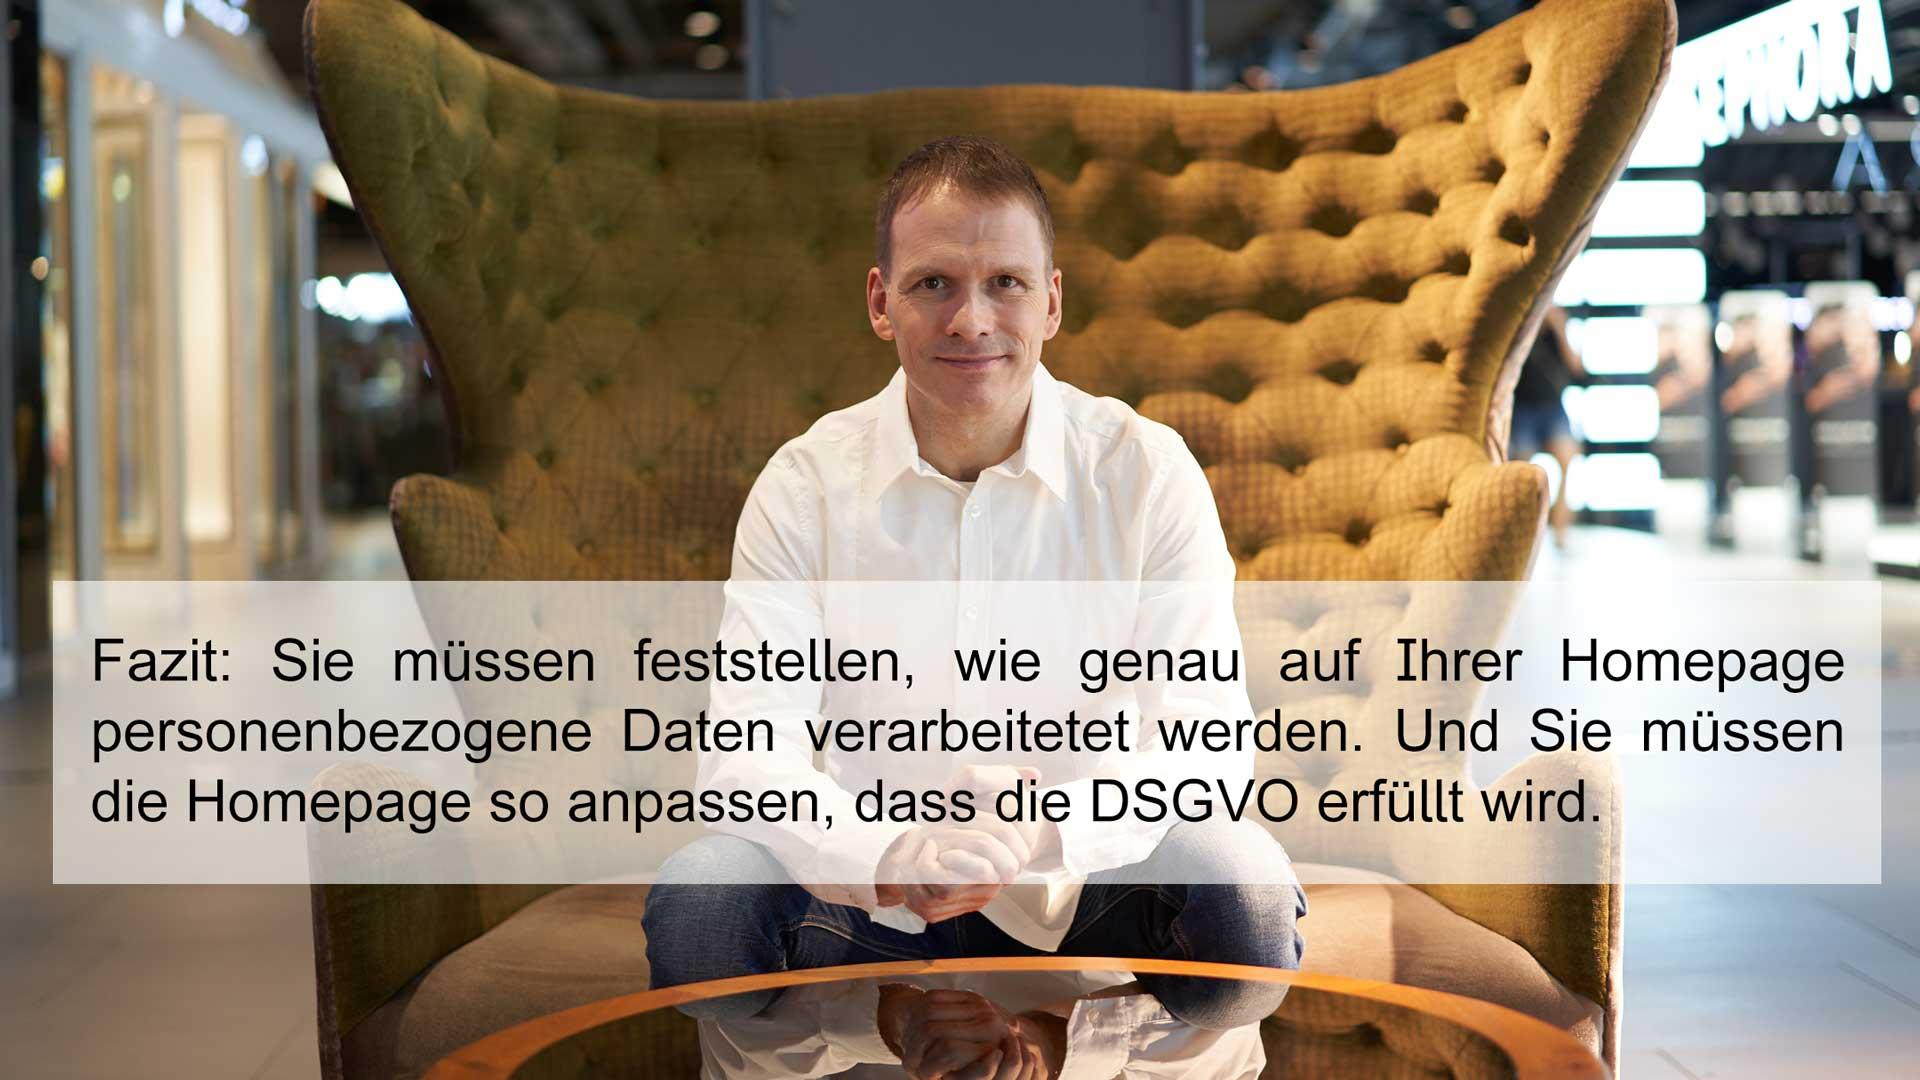 Portrait Ralf Skirr mit Text Fazit DSGVO Firmenhomepage